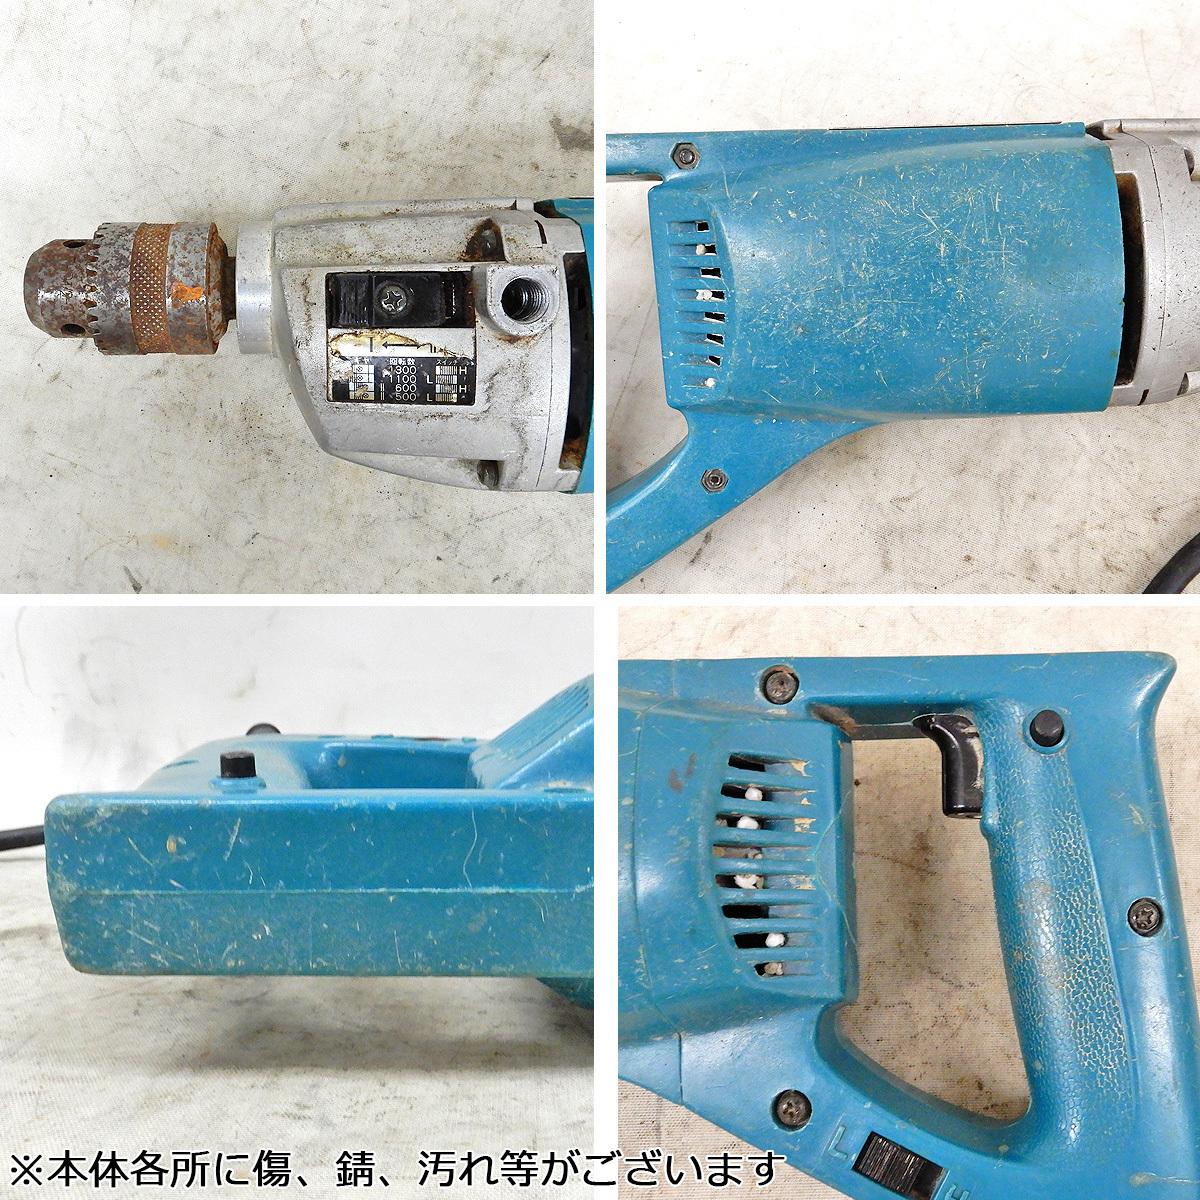 FR78 [送料無料/難あり] makita マキタ 10mm振動ドリル HP1030 / 13mmドリル DP4002 / 13mm四段変速ドリル 6300-4 計3点セット_画像10